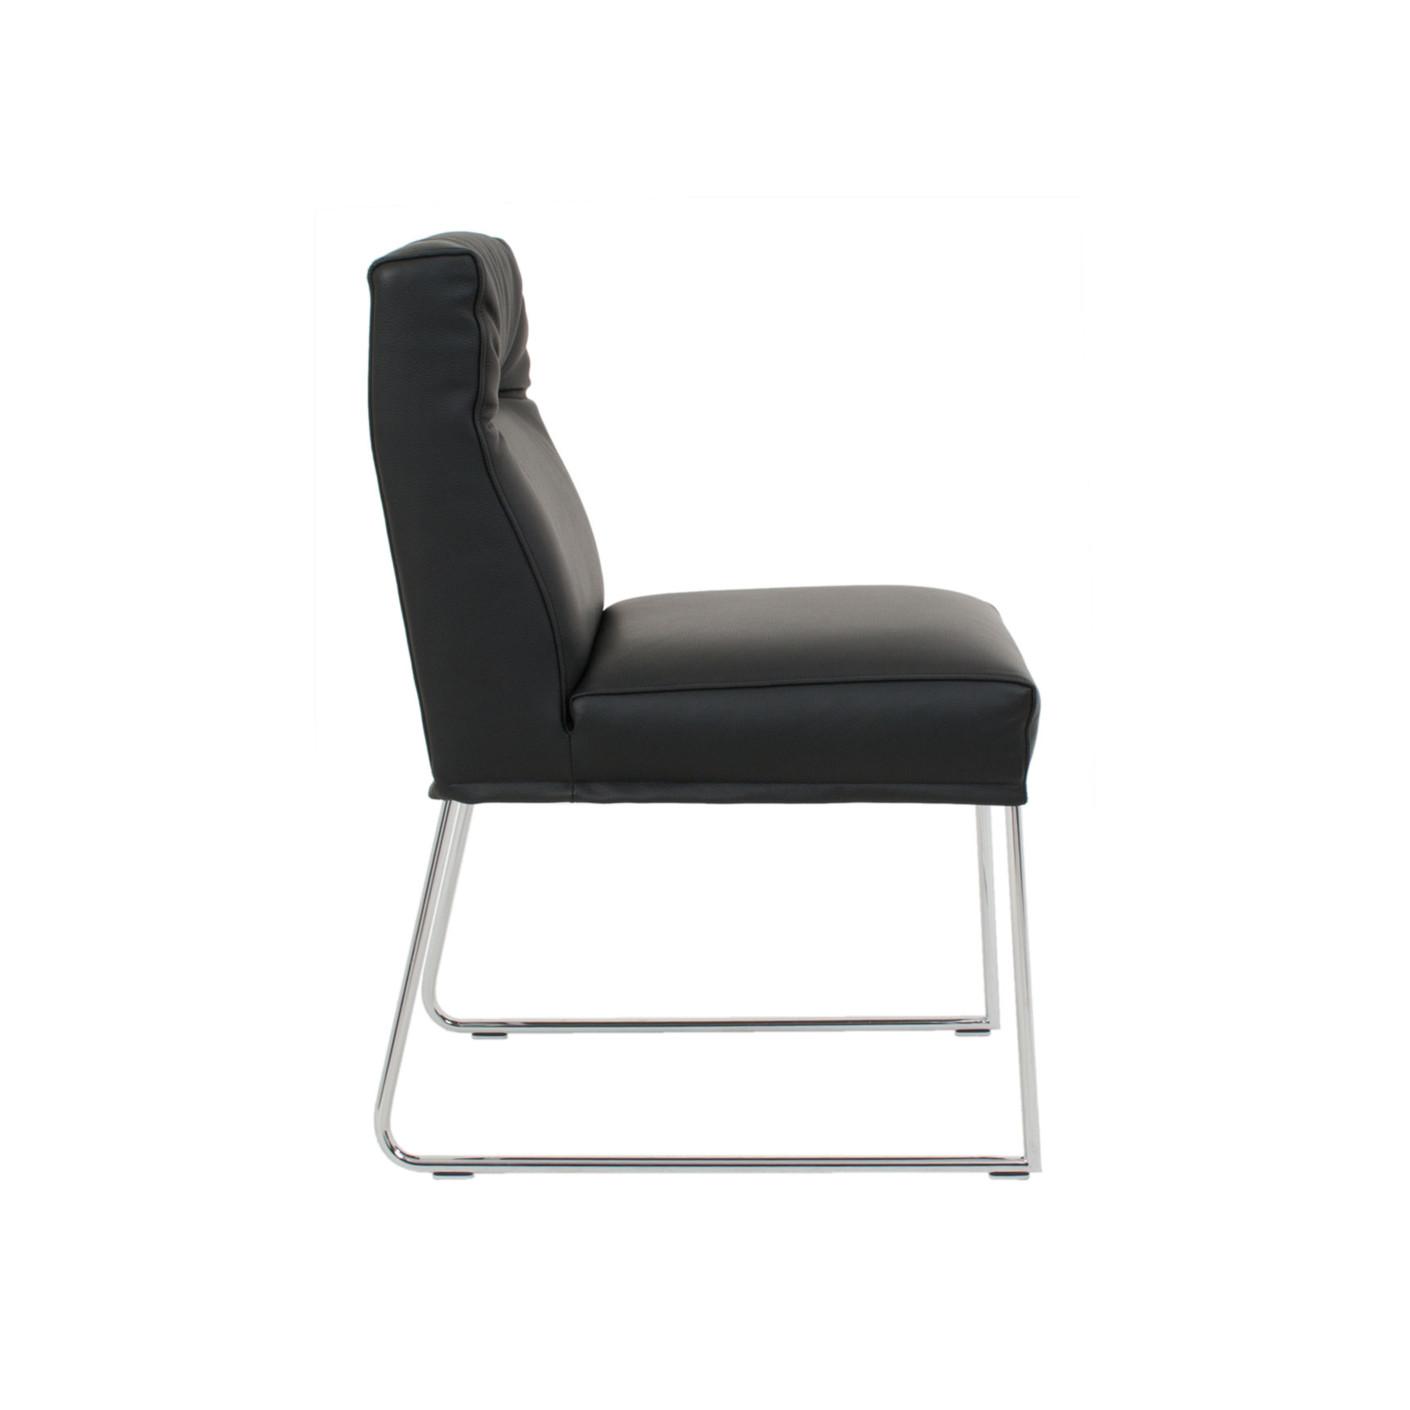 d light von kff stylepark. Black Bedroom Furniture Sets. Home Design Ideas